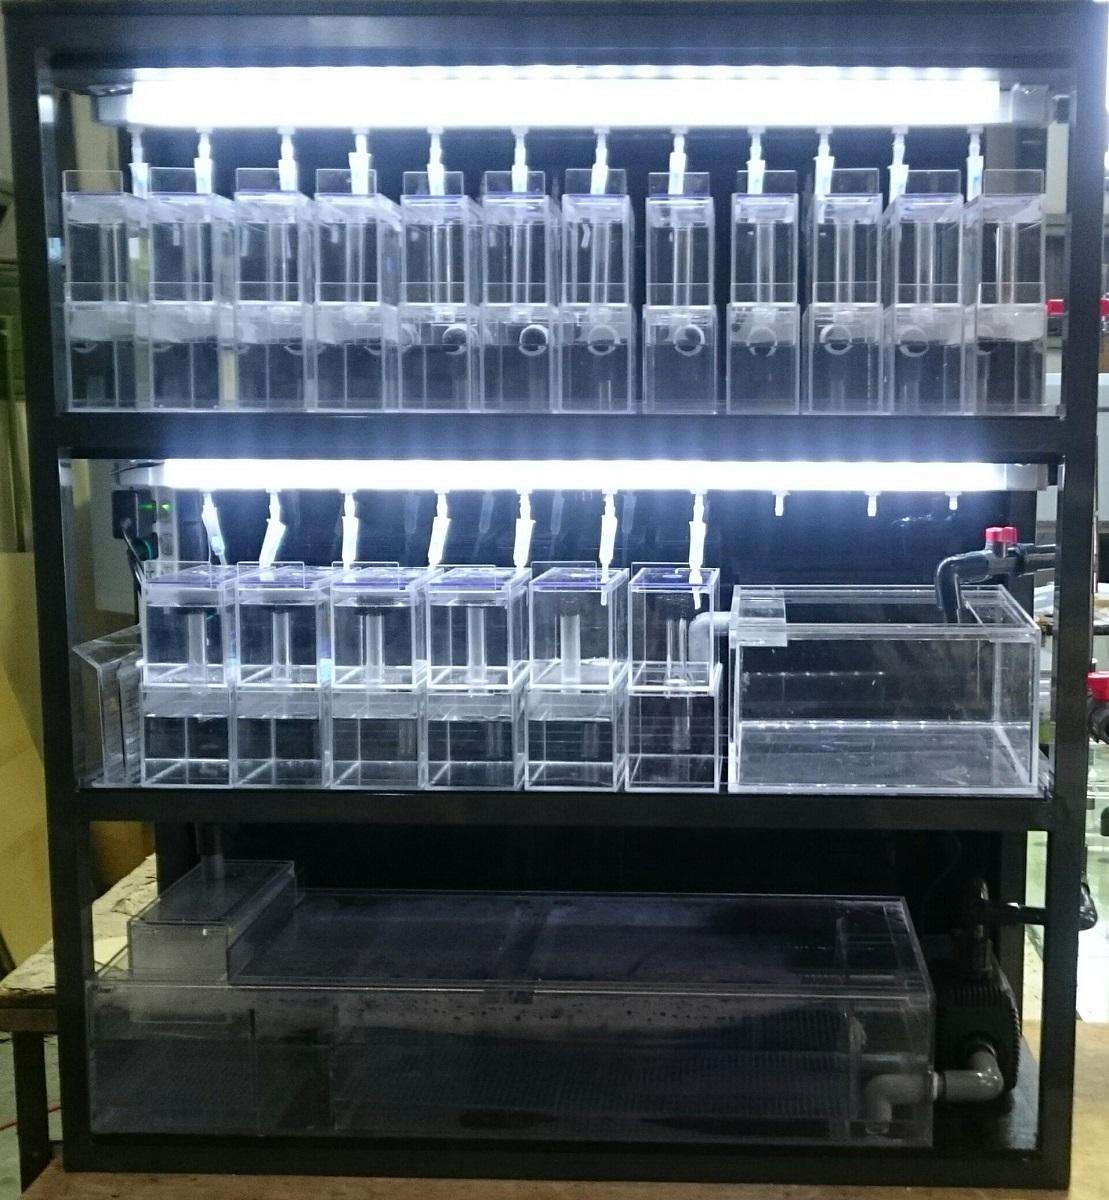 ブリーディングシステム水槽 Cタイプ 水槽37本(BS-C)【受注生産】【送料無料(一部地域を除く)】繁殖・研究・観察・ブリード・アクリル水槽